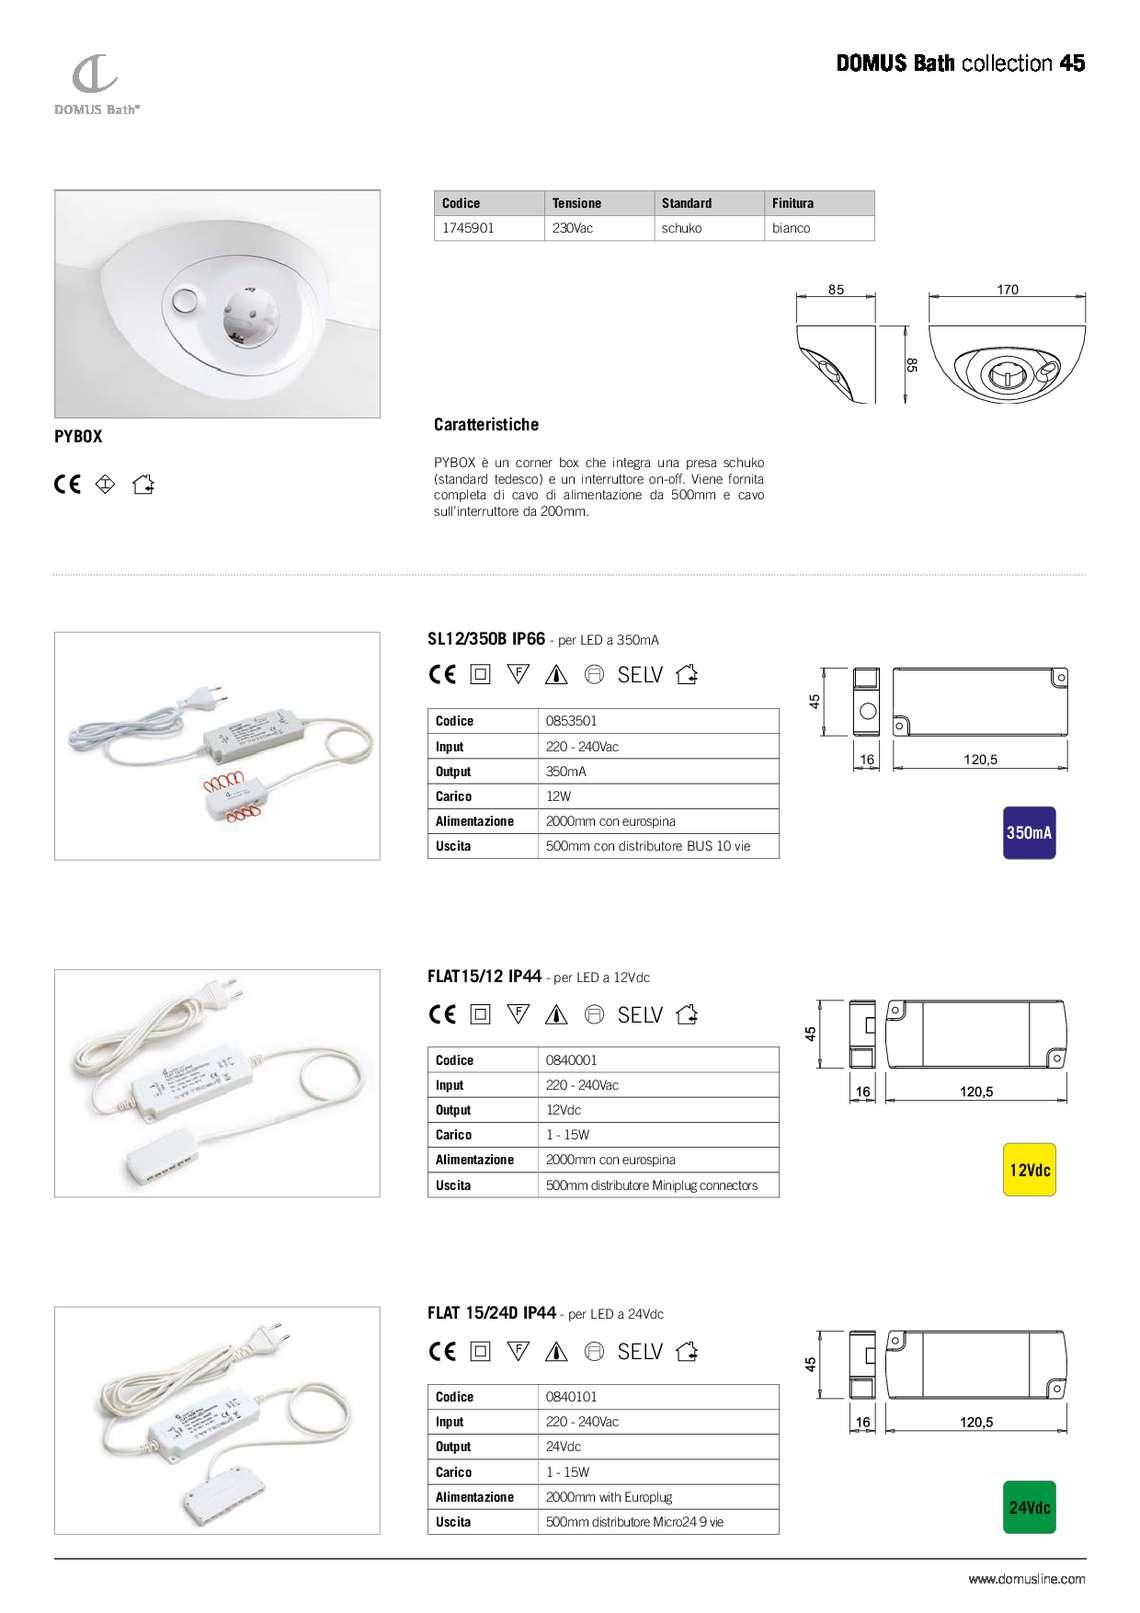 domus-line-bath_24_045.jpg